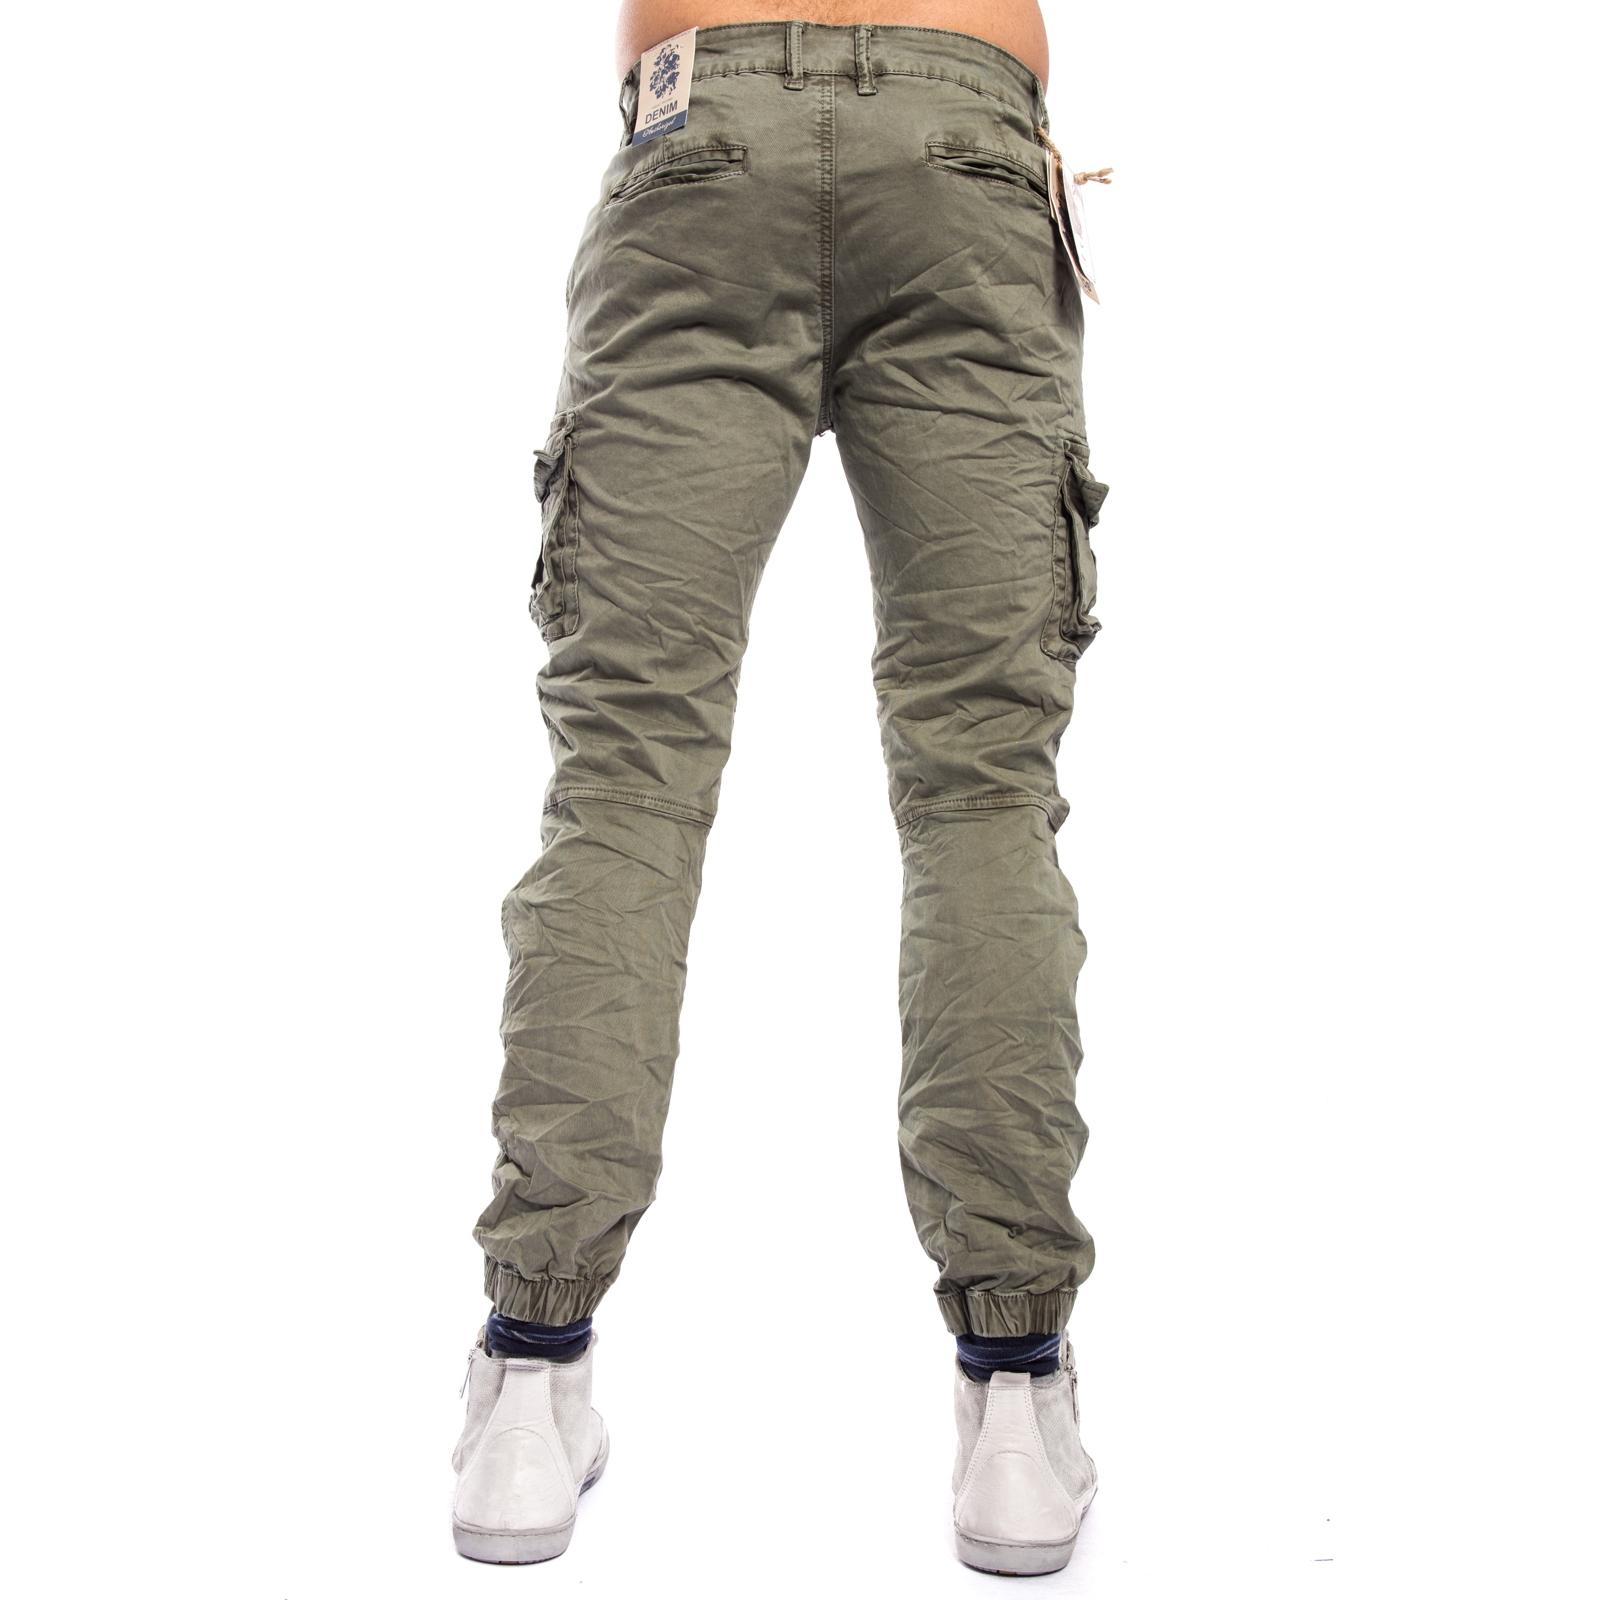 Pantaloni Uomo Elastico In Con Fondo bgyIf6vY7